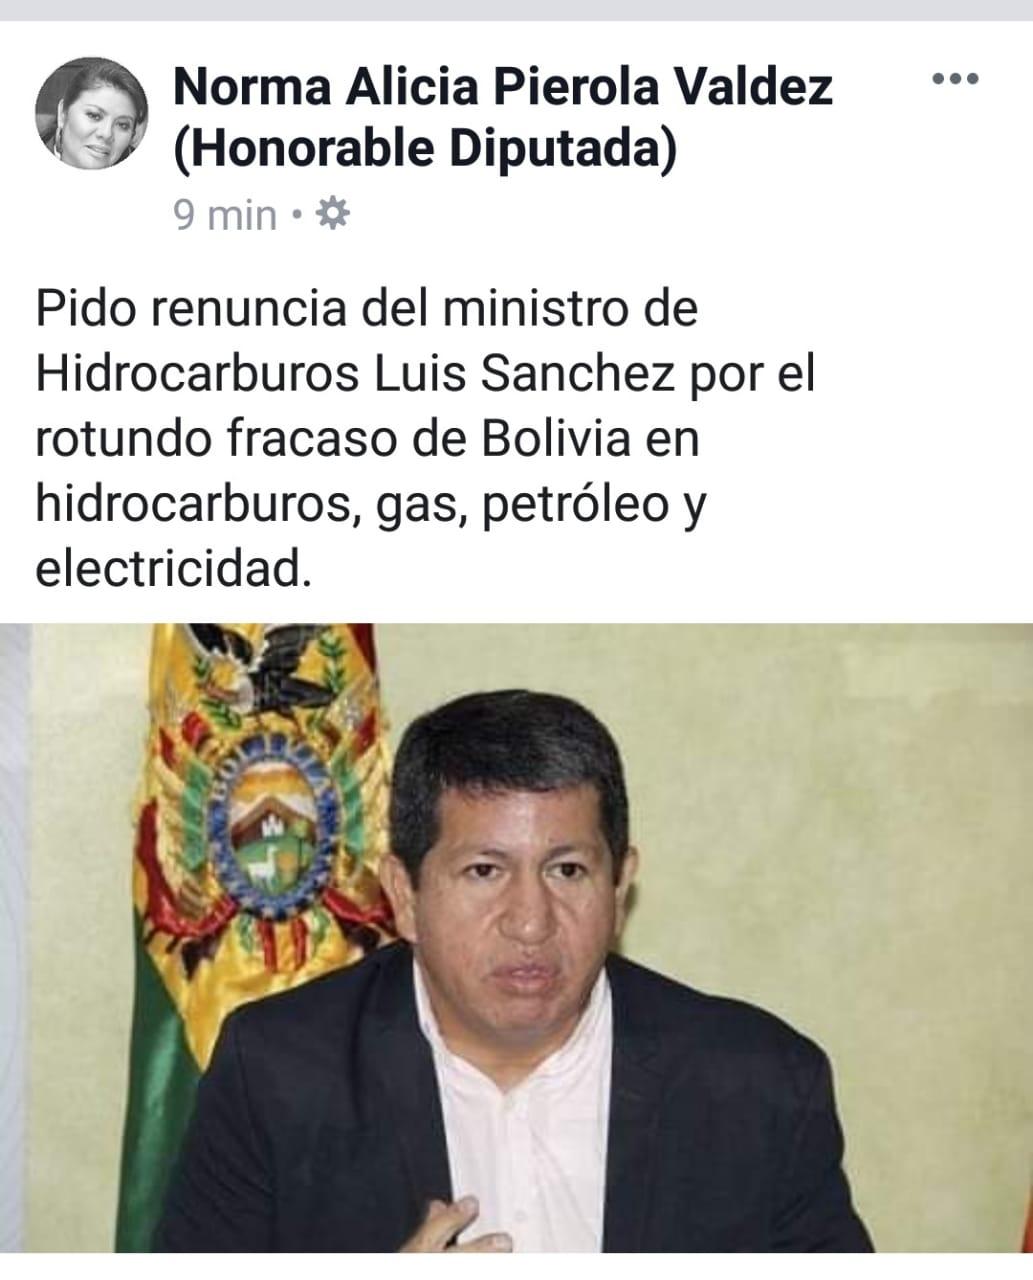 Diputada Norma Piérola pide renuncia de ministro de Hidrocarburos Luis Sánchez